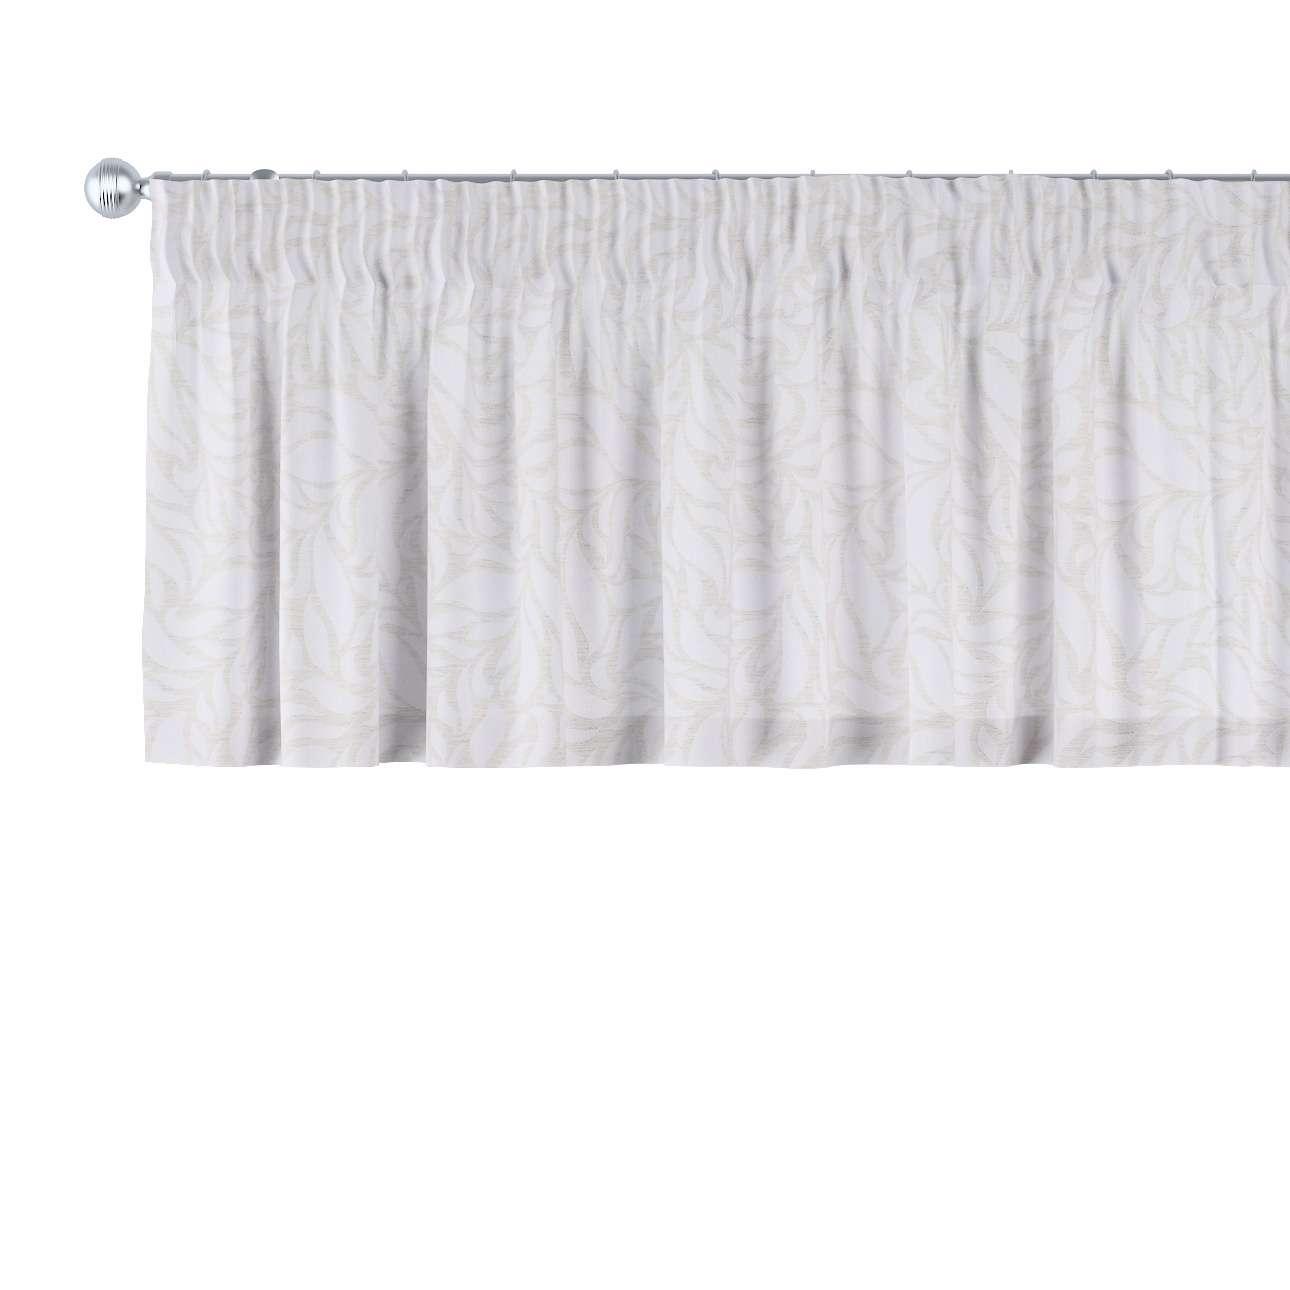 Krátky záves na riasiacej páske V kolekcii Venice, tkanina: 140-50